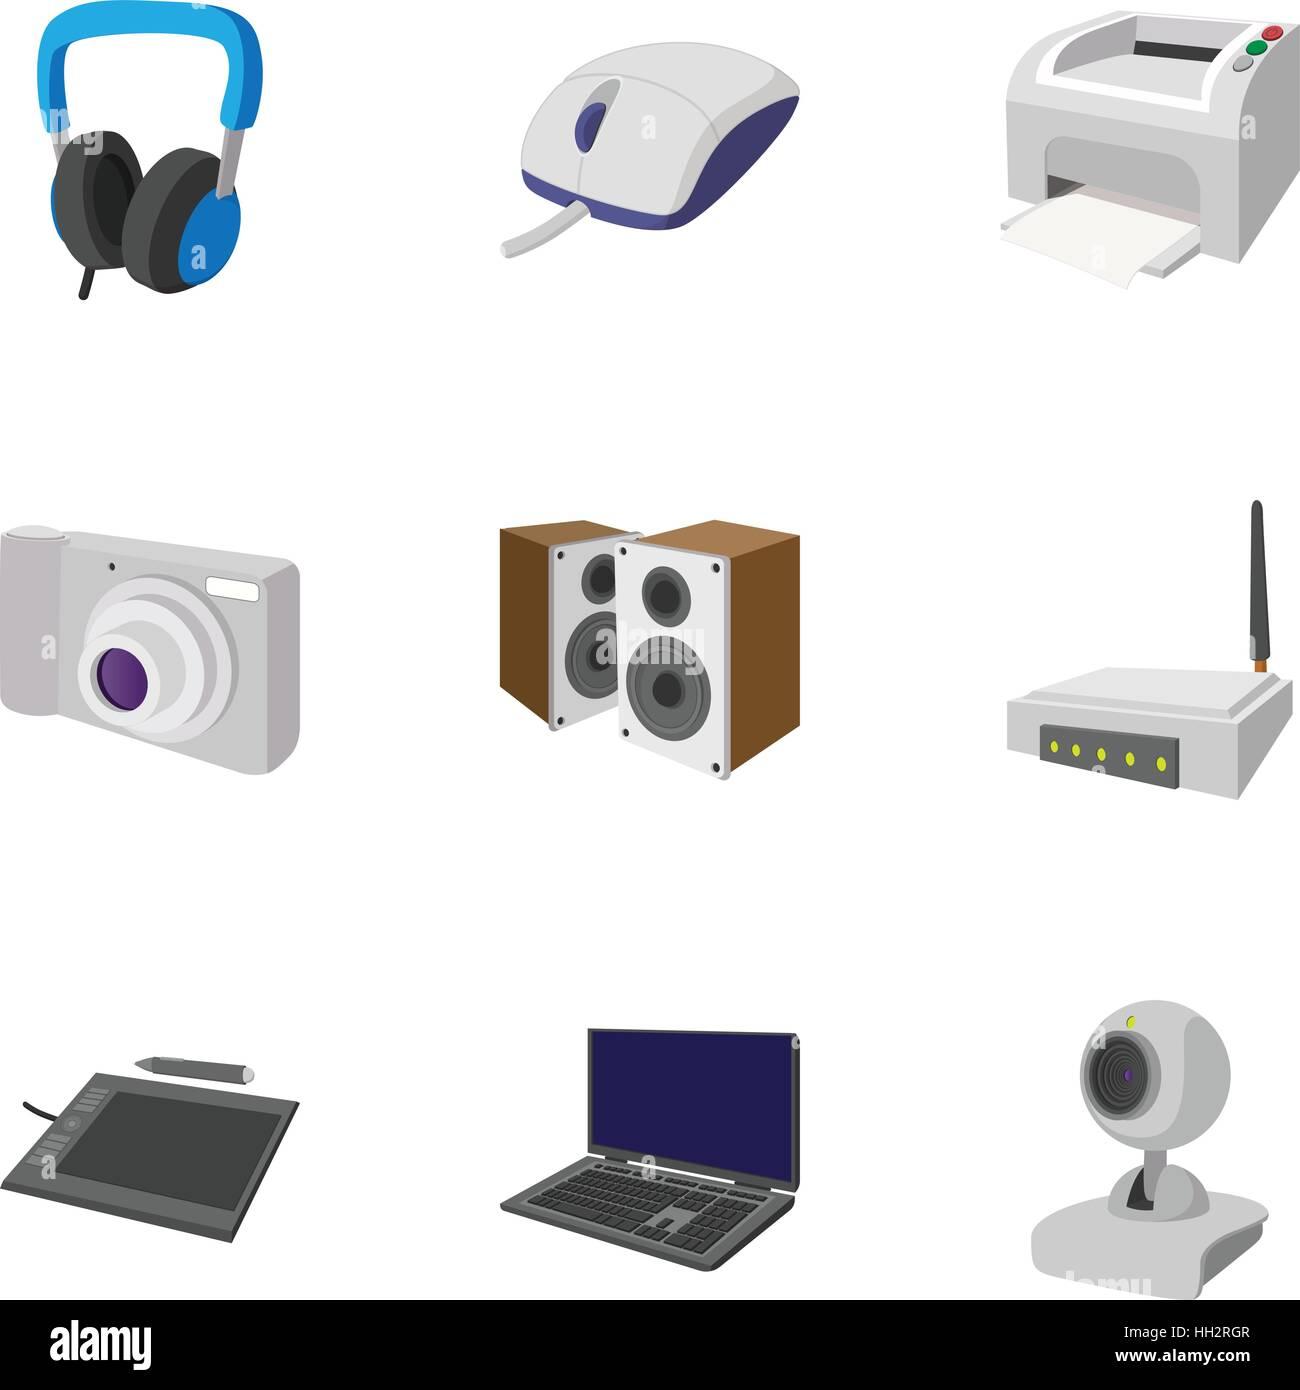 Fantastisch Elektroniksymbole Mit Namen Ideen - Elektrische ...